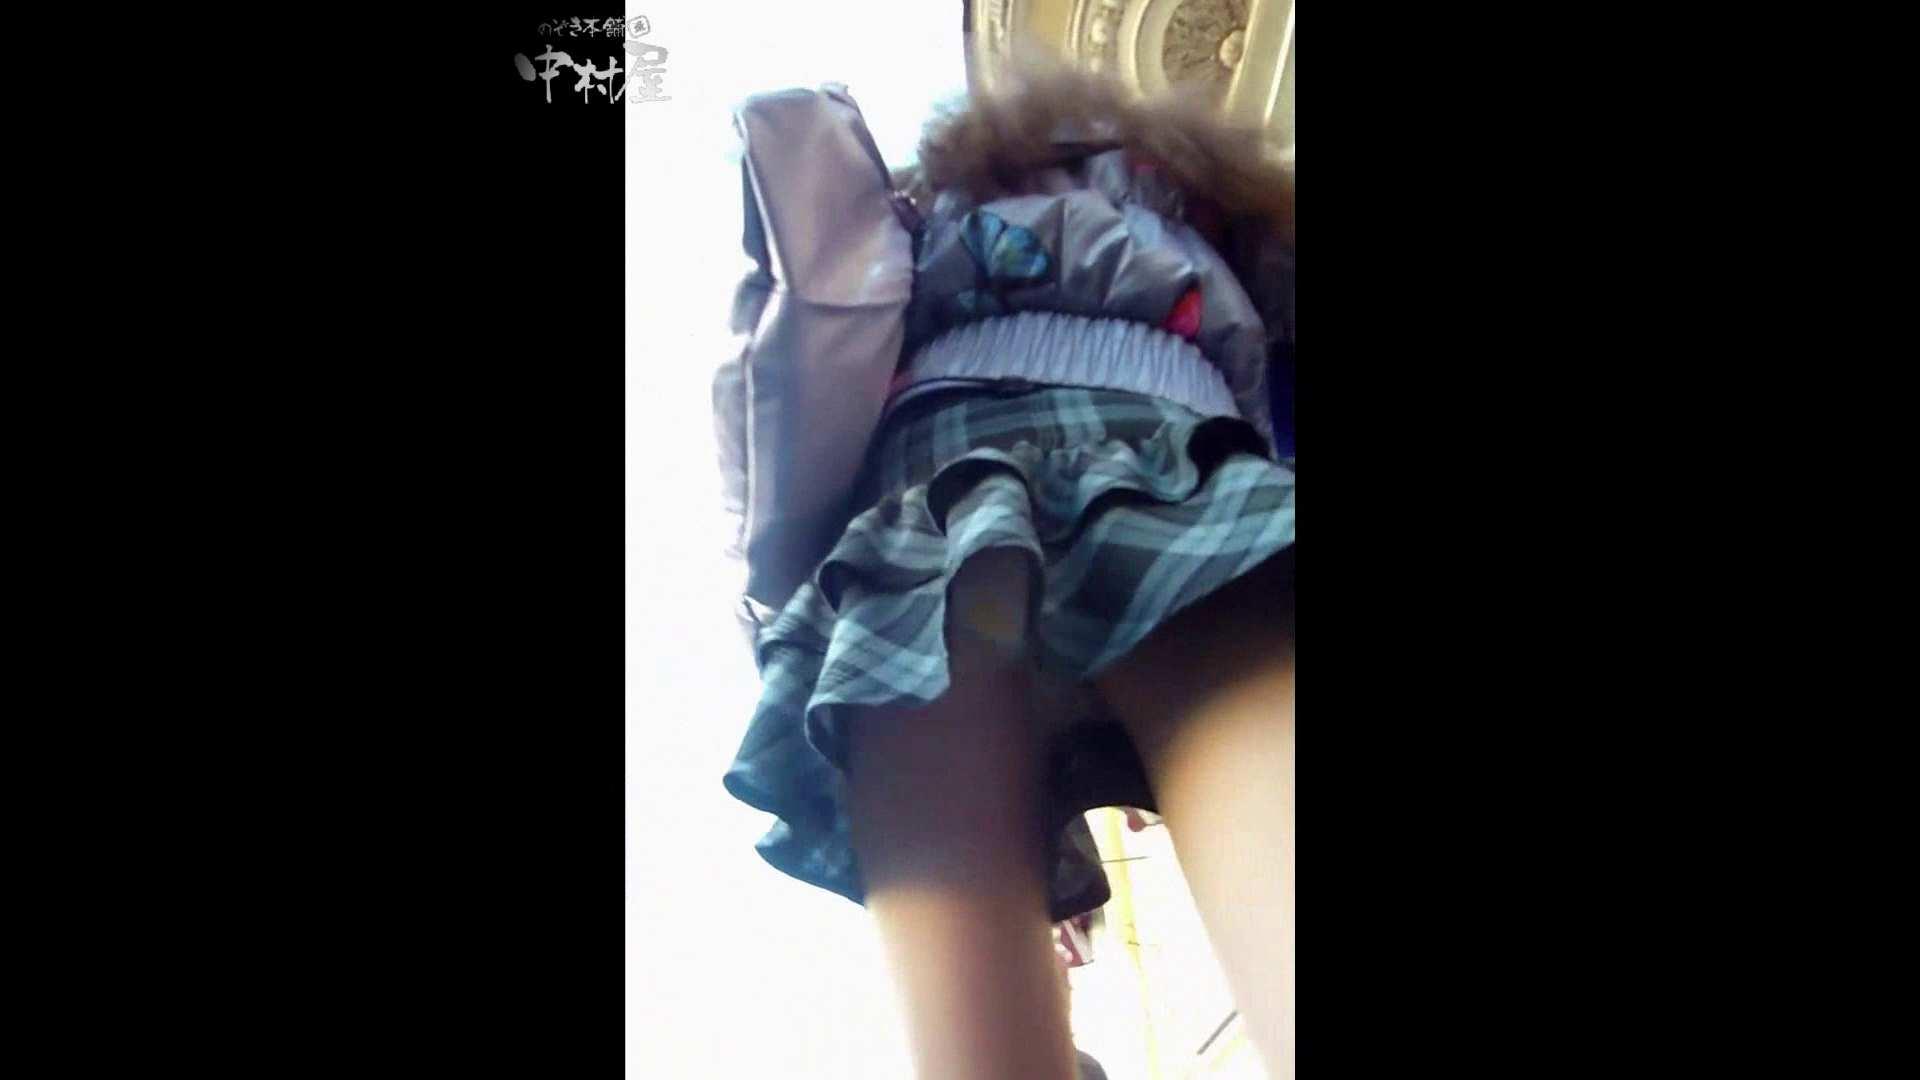 綺麗なモデルさんのスカート捲っちゃおう‼ vol12 モデルヌード   Hなお姉さん  93pic 25